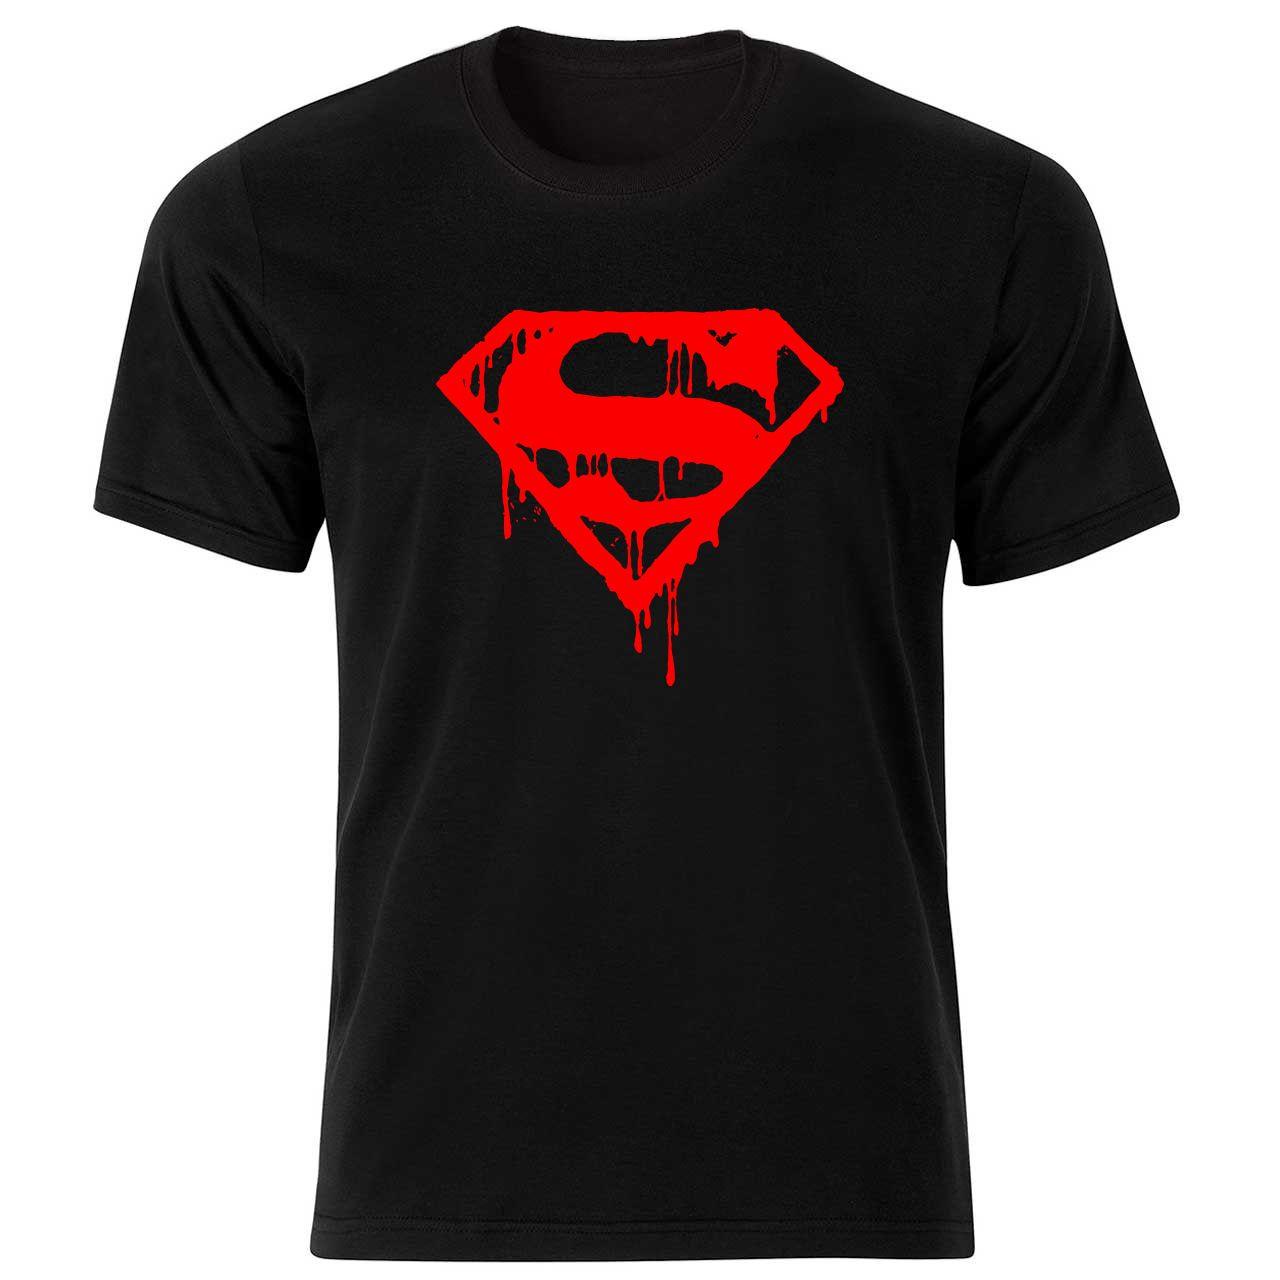 تیشرت آستین کوتاه  بچگانه  طرح سوپرمن  کد    BT011 -  - 3